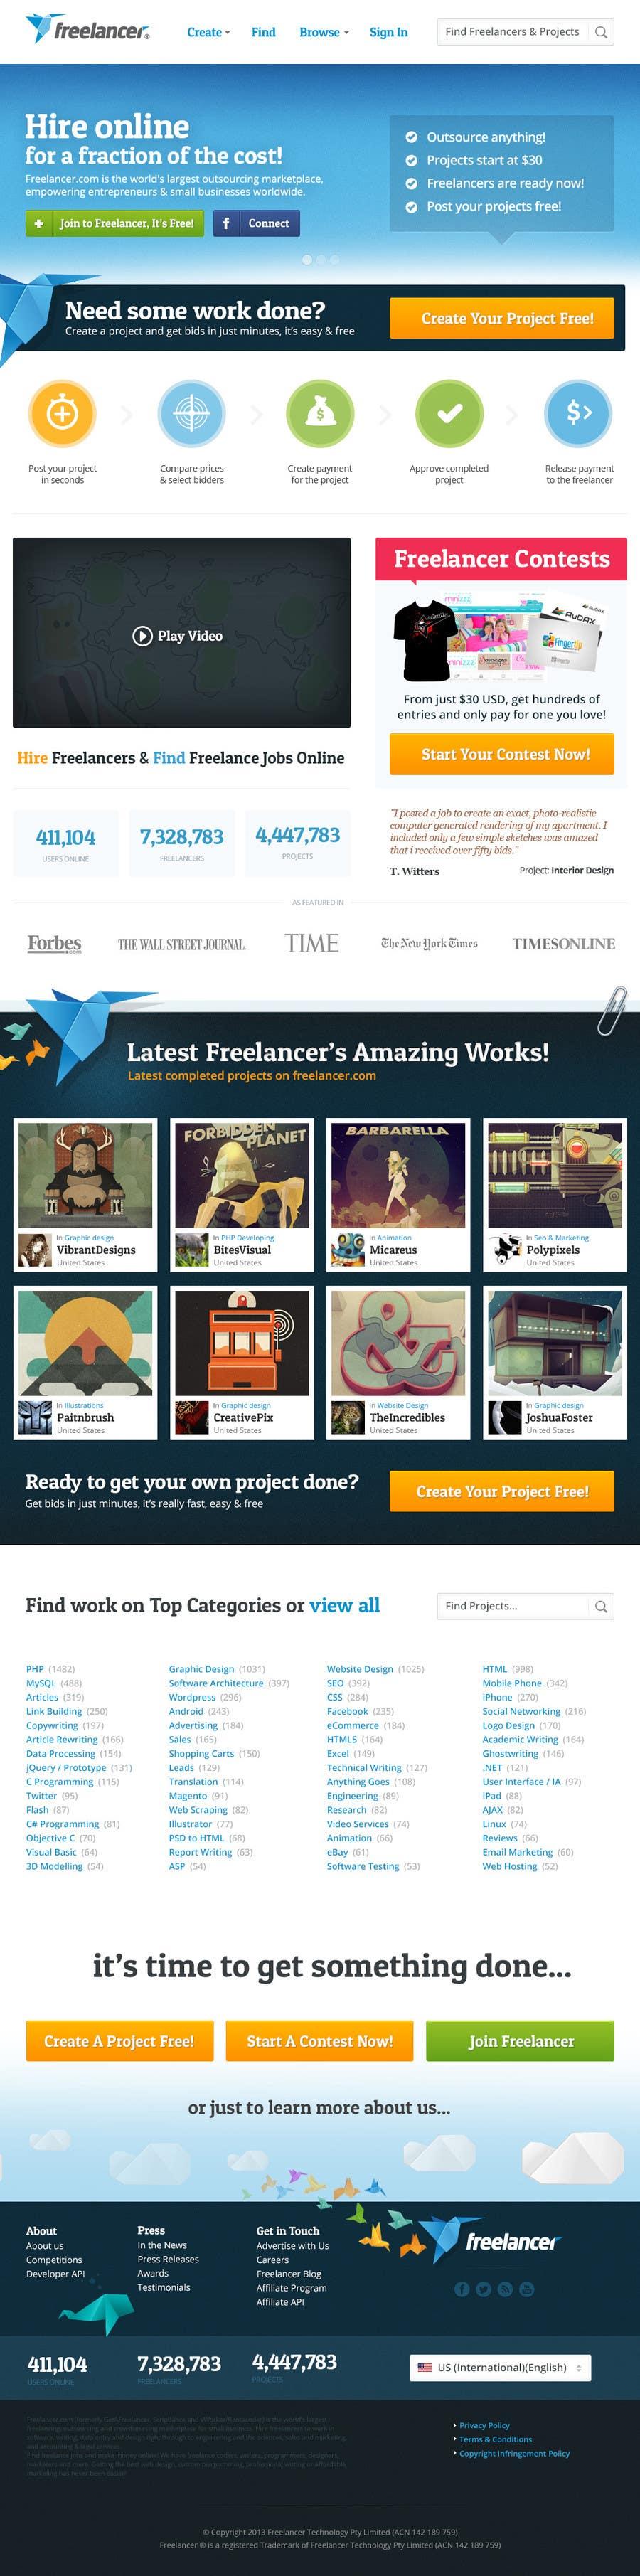 Contest Entry #253 for Freelancer.com contest! Design our Homepage!